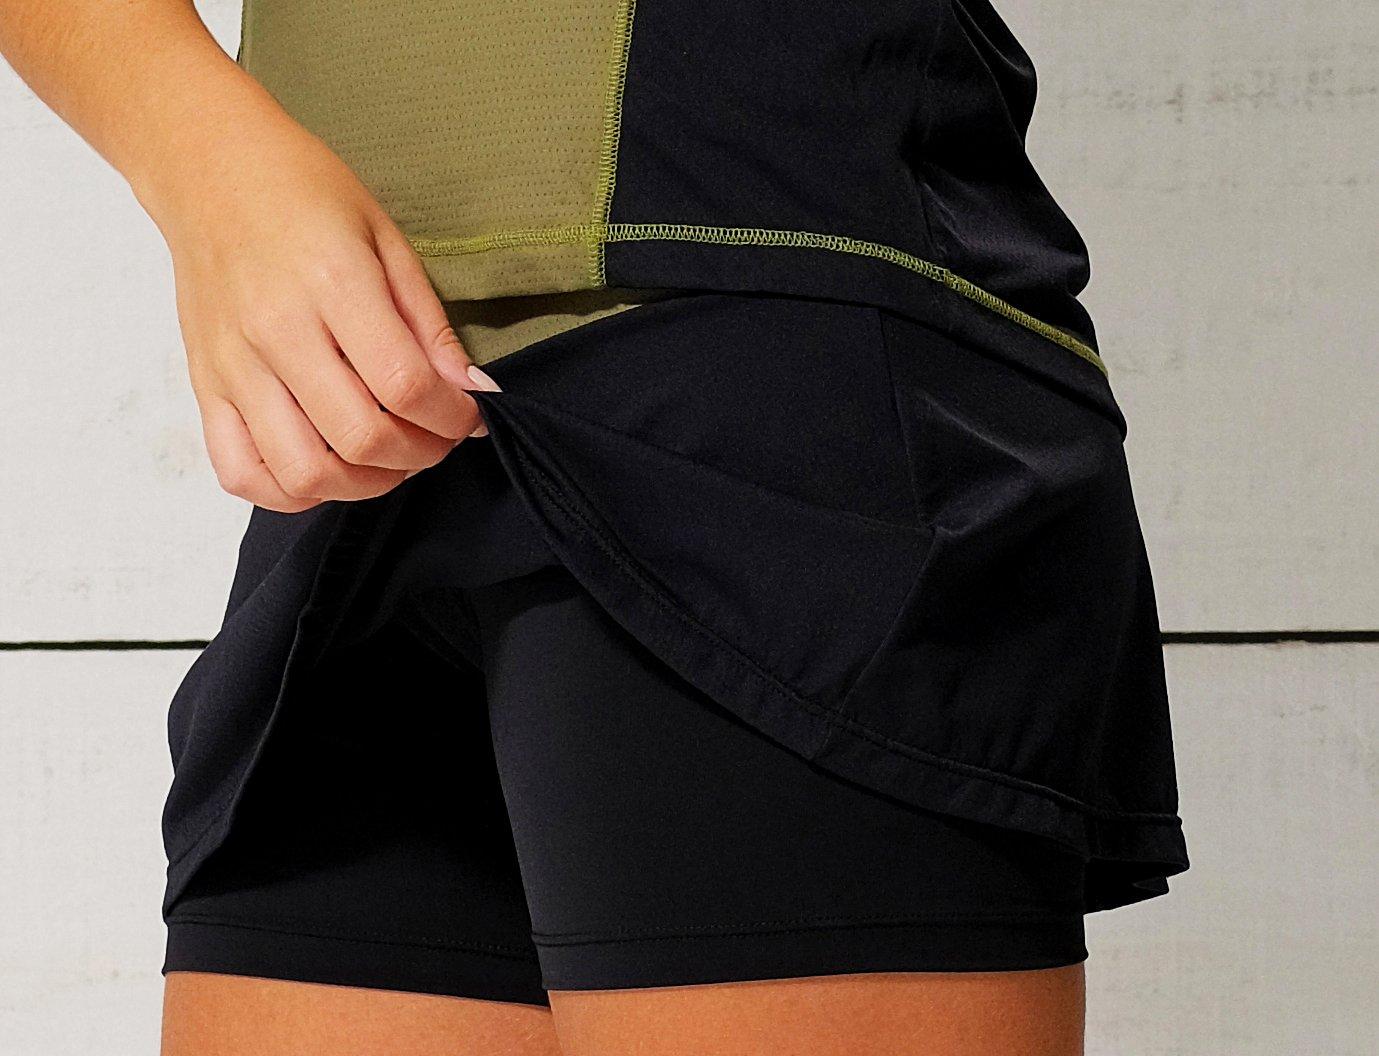 Shorts Saia Verde e Preto